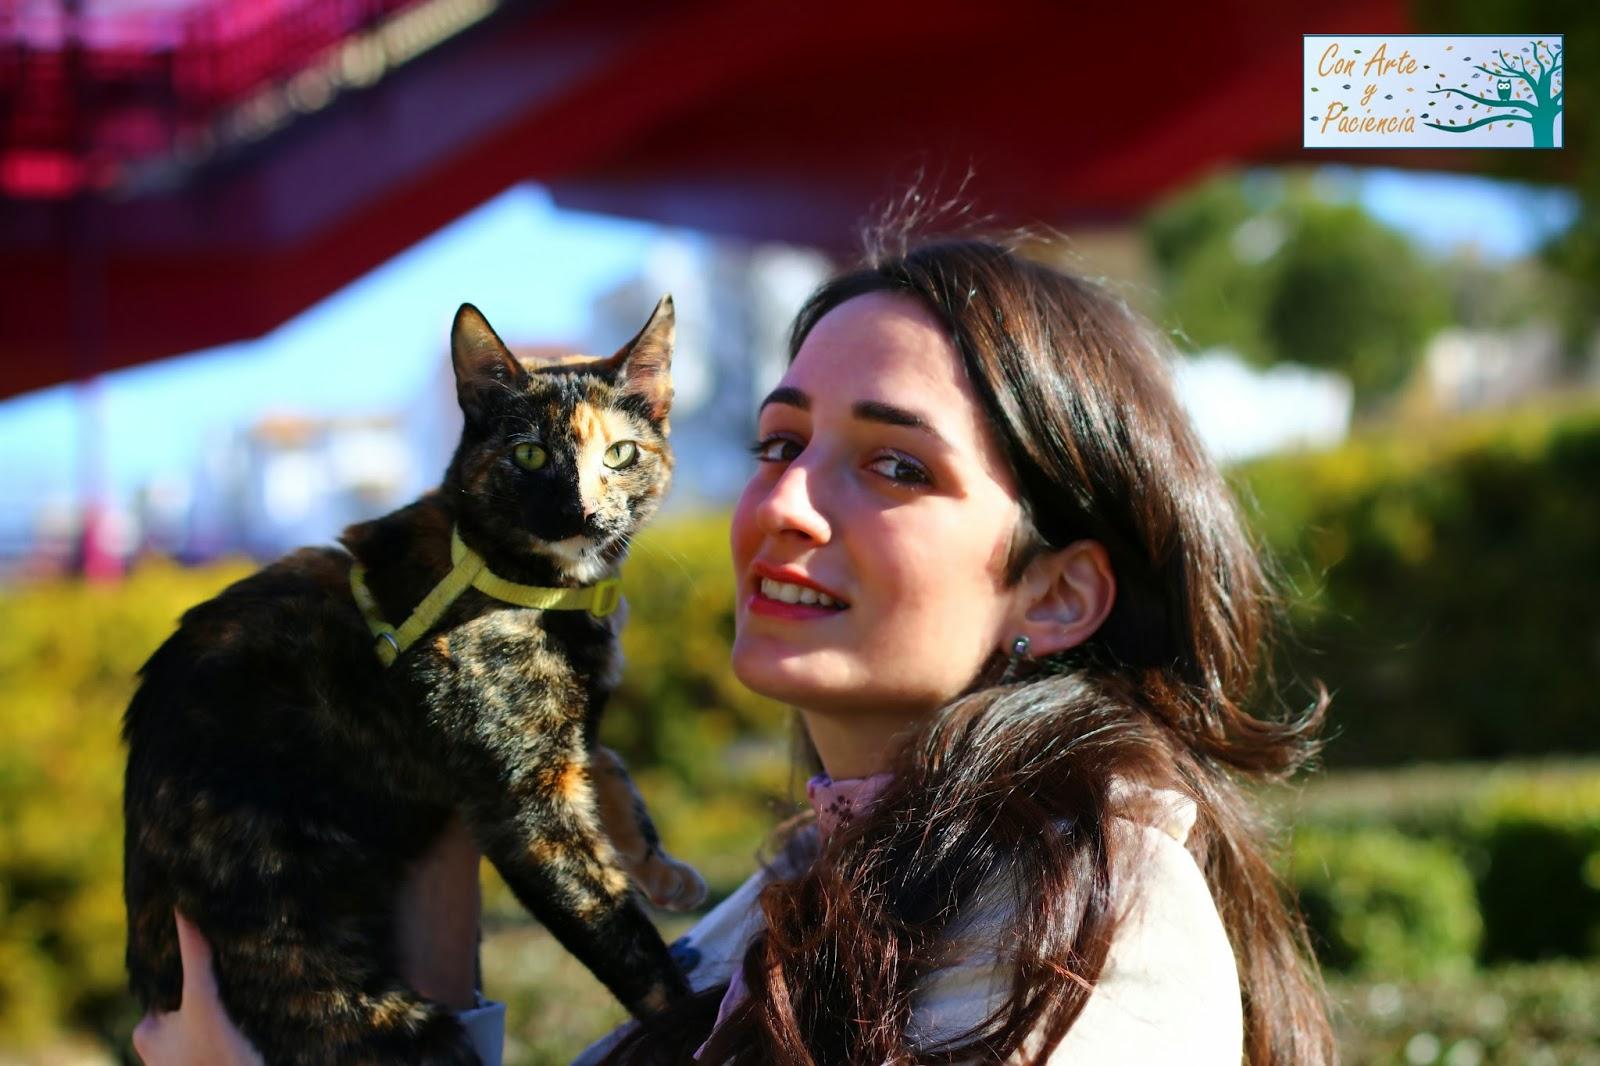 manualidades,gatos,mascotas,fotografía,foto,tiempo,libre,bloggers,blogs,salir,familia,